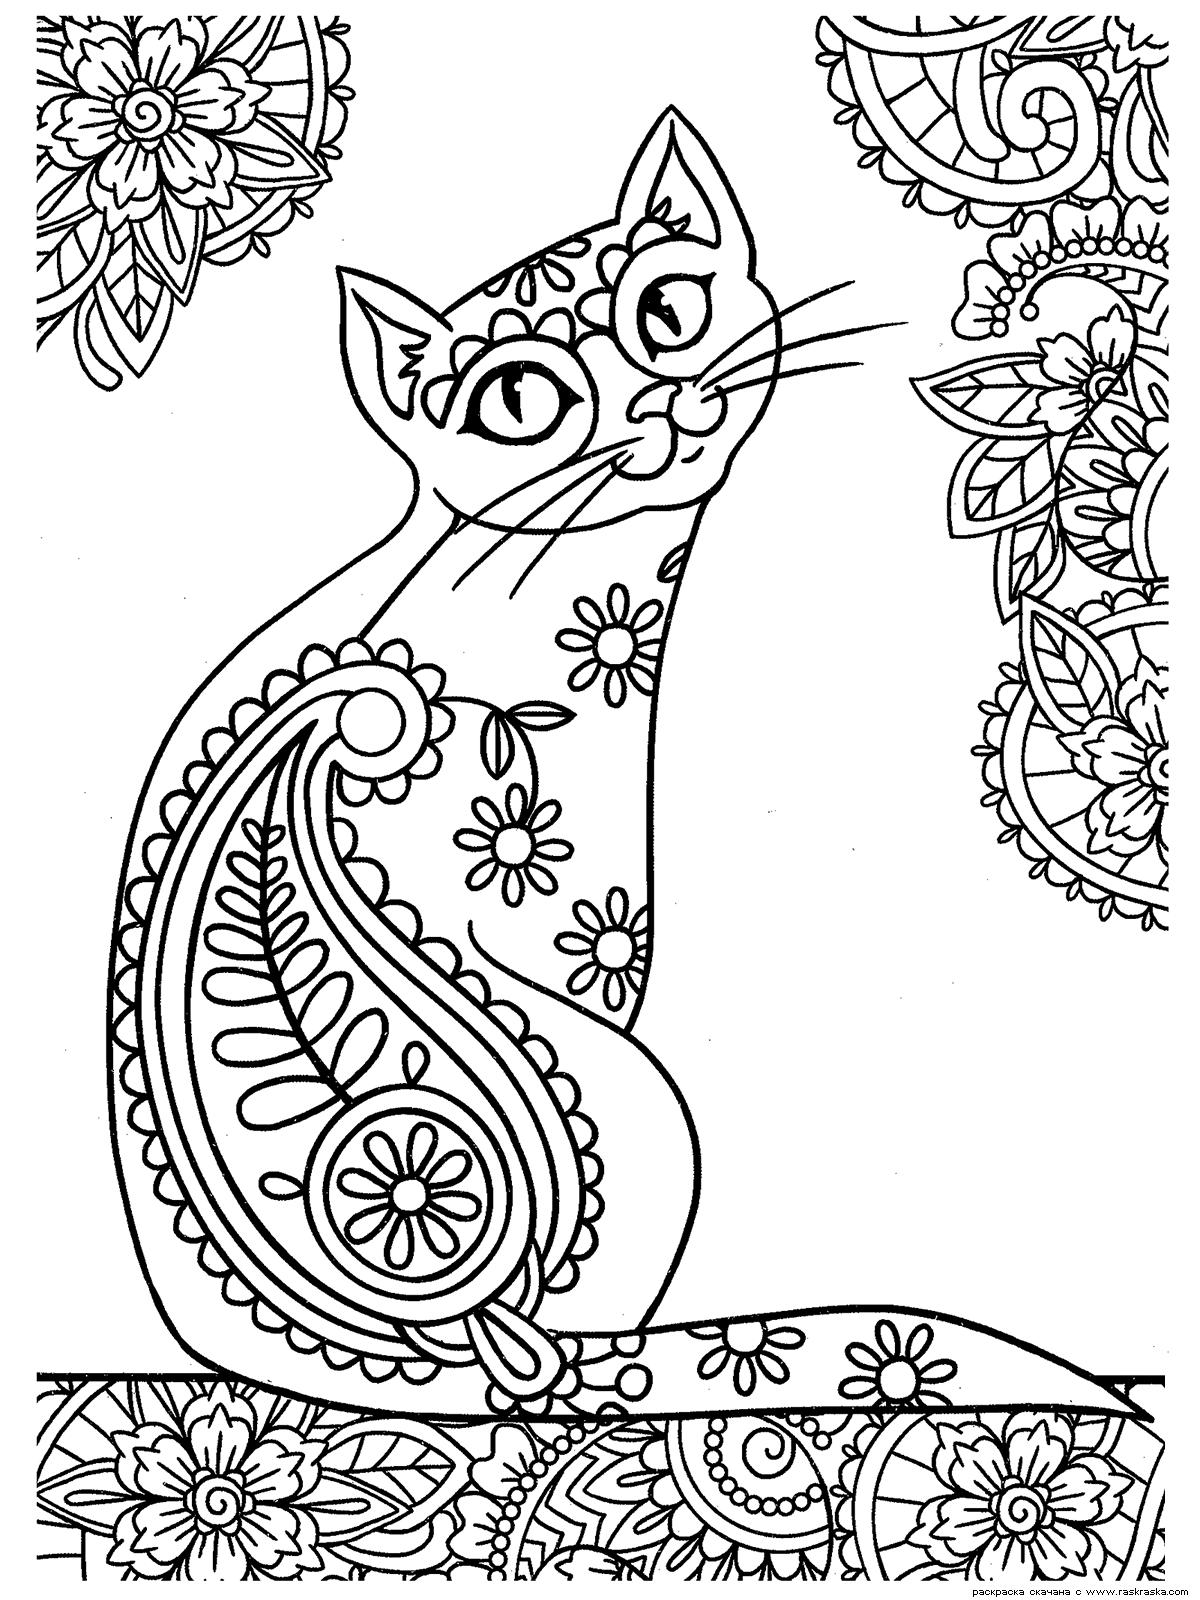 Раскраска Кошка | Раскраски антистресс Кошки. Сложные ...